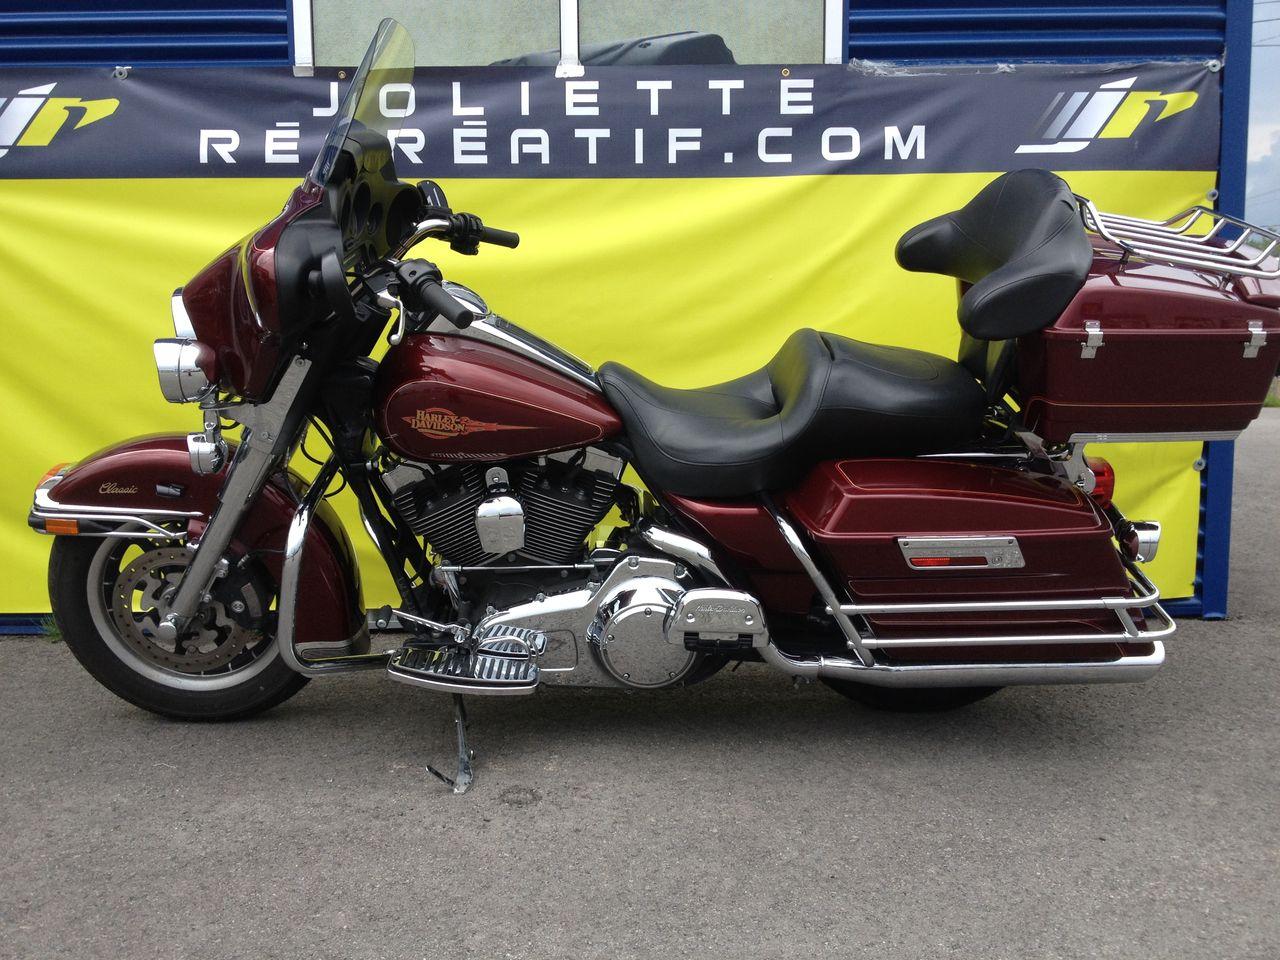 2008 Harley FLHTC 14,495$